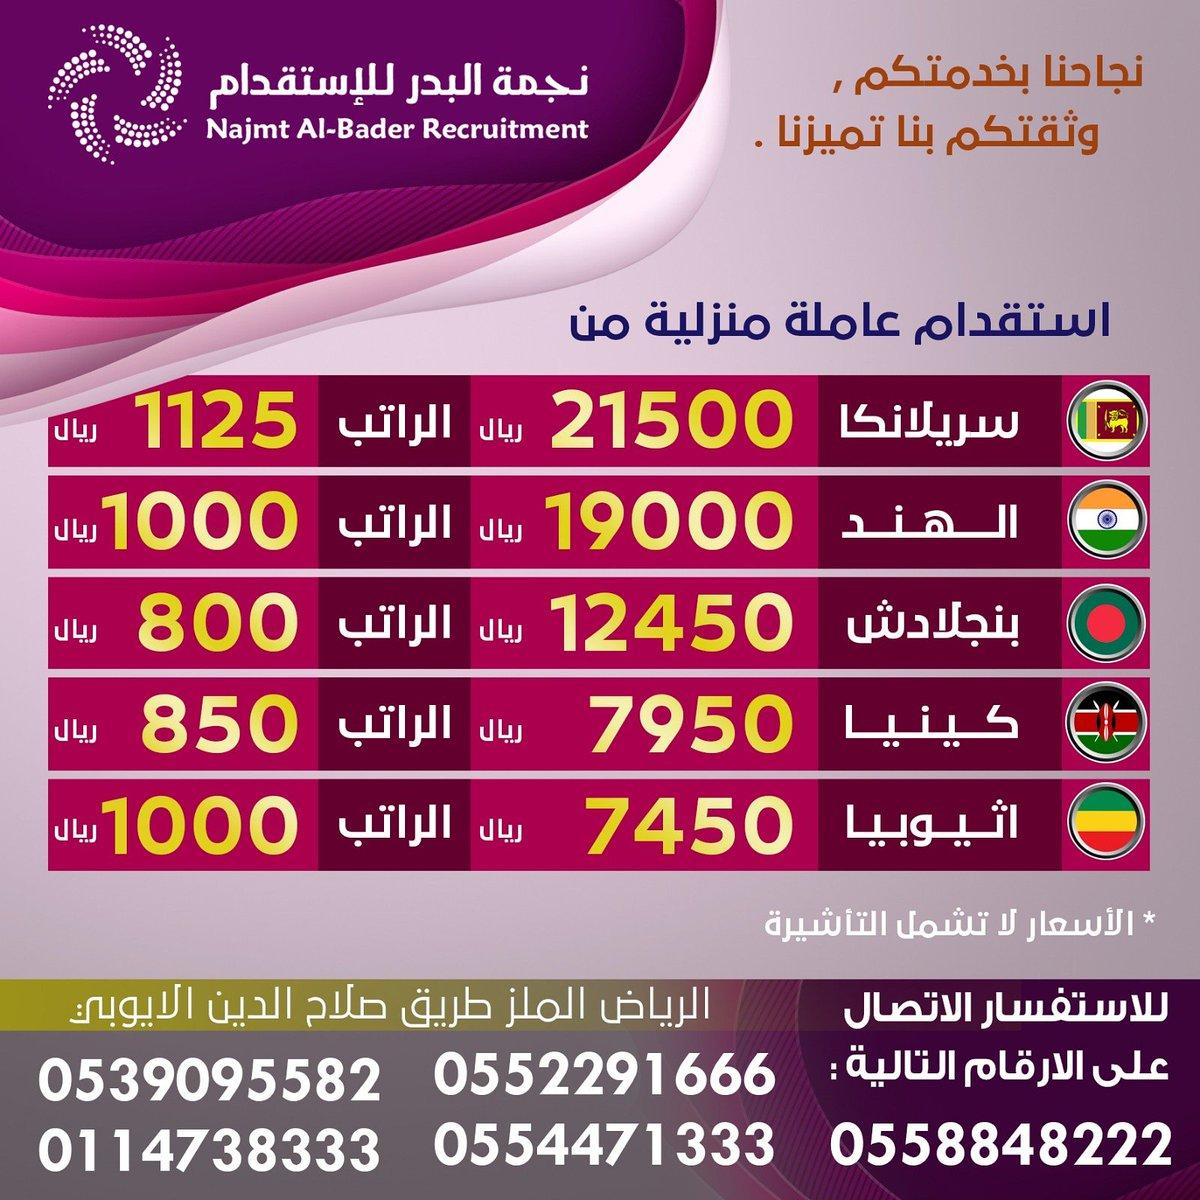 افضل مكتب استقدام بالرياض 2019 أفضل 15 مكتب للإستقدام في الرياض من مختلف الجنسيات